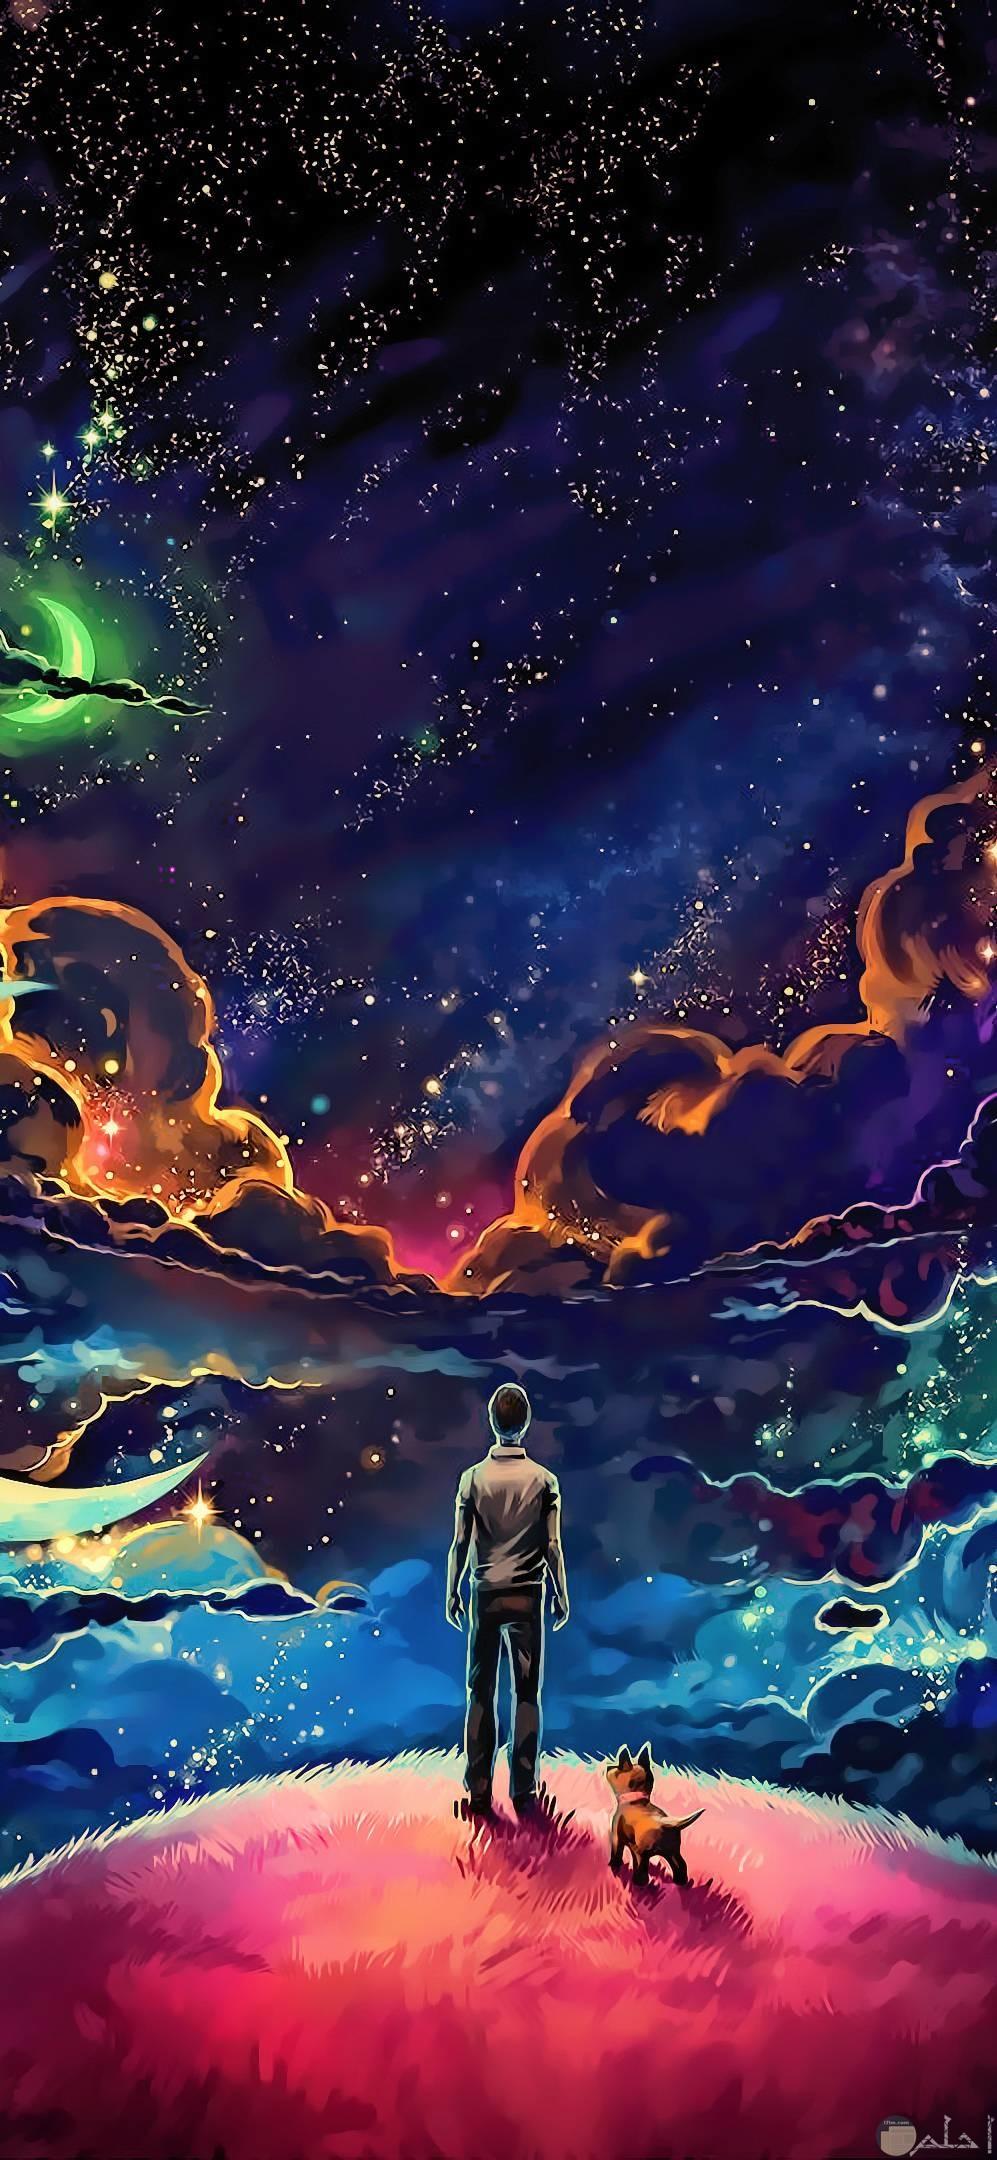 صور عميقة جميلة لشاب يقف يتأمل جمال الكون